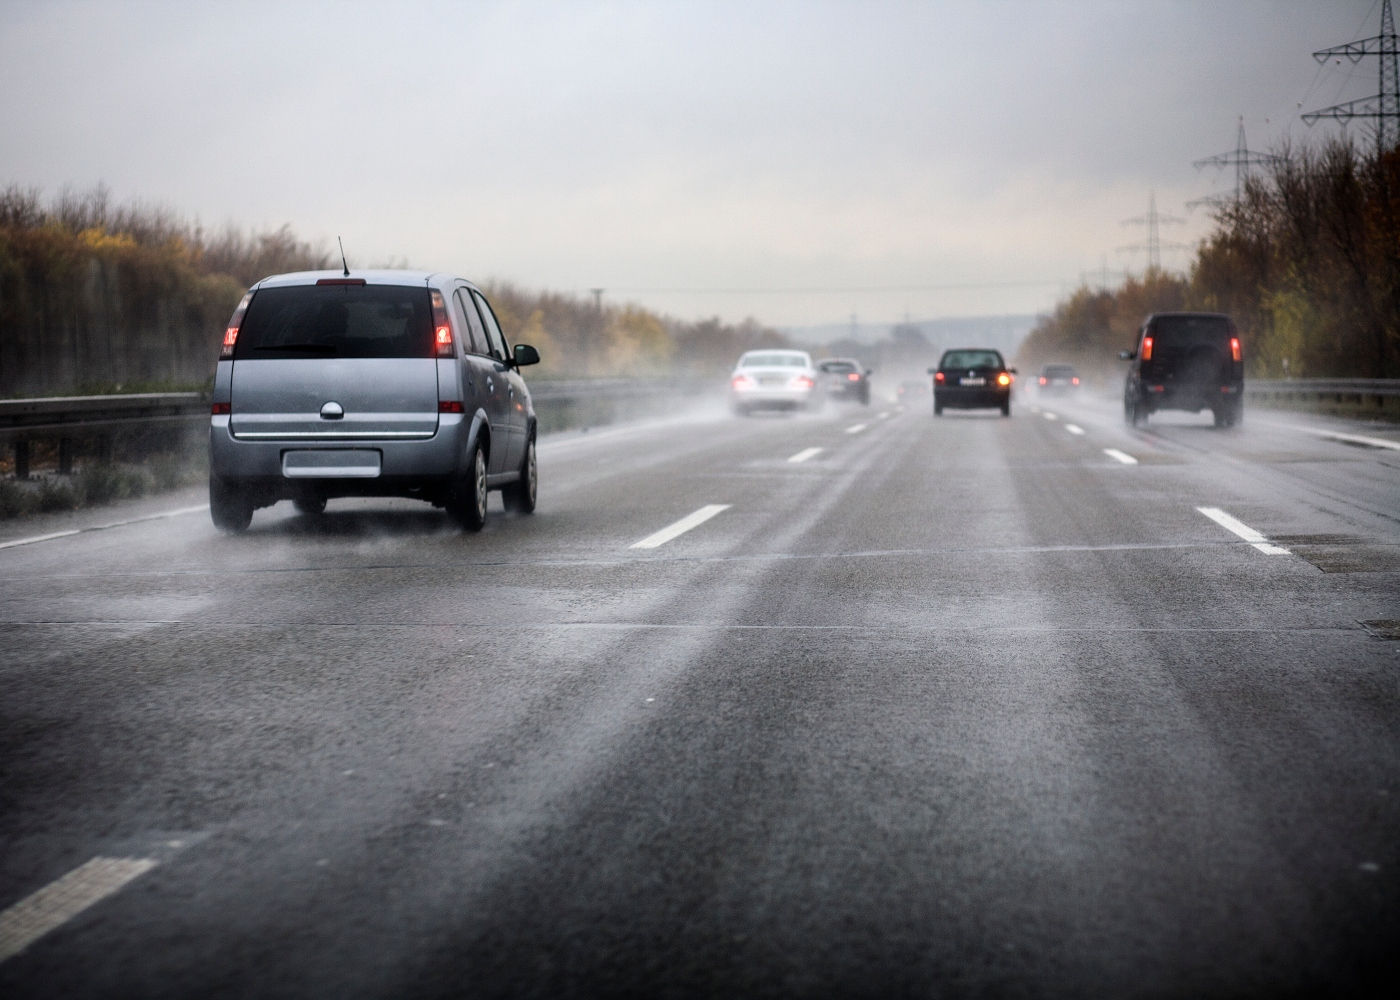 Conduzir com chuva